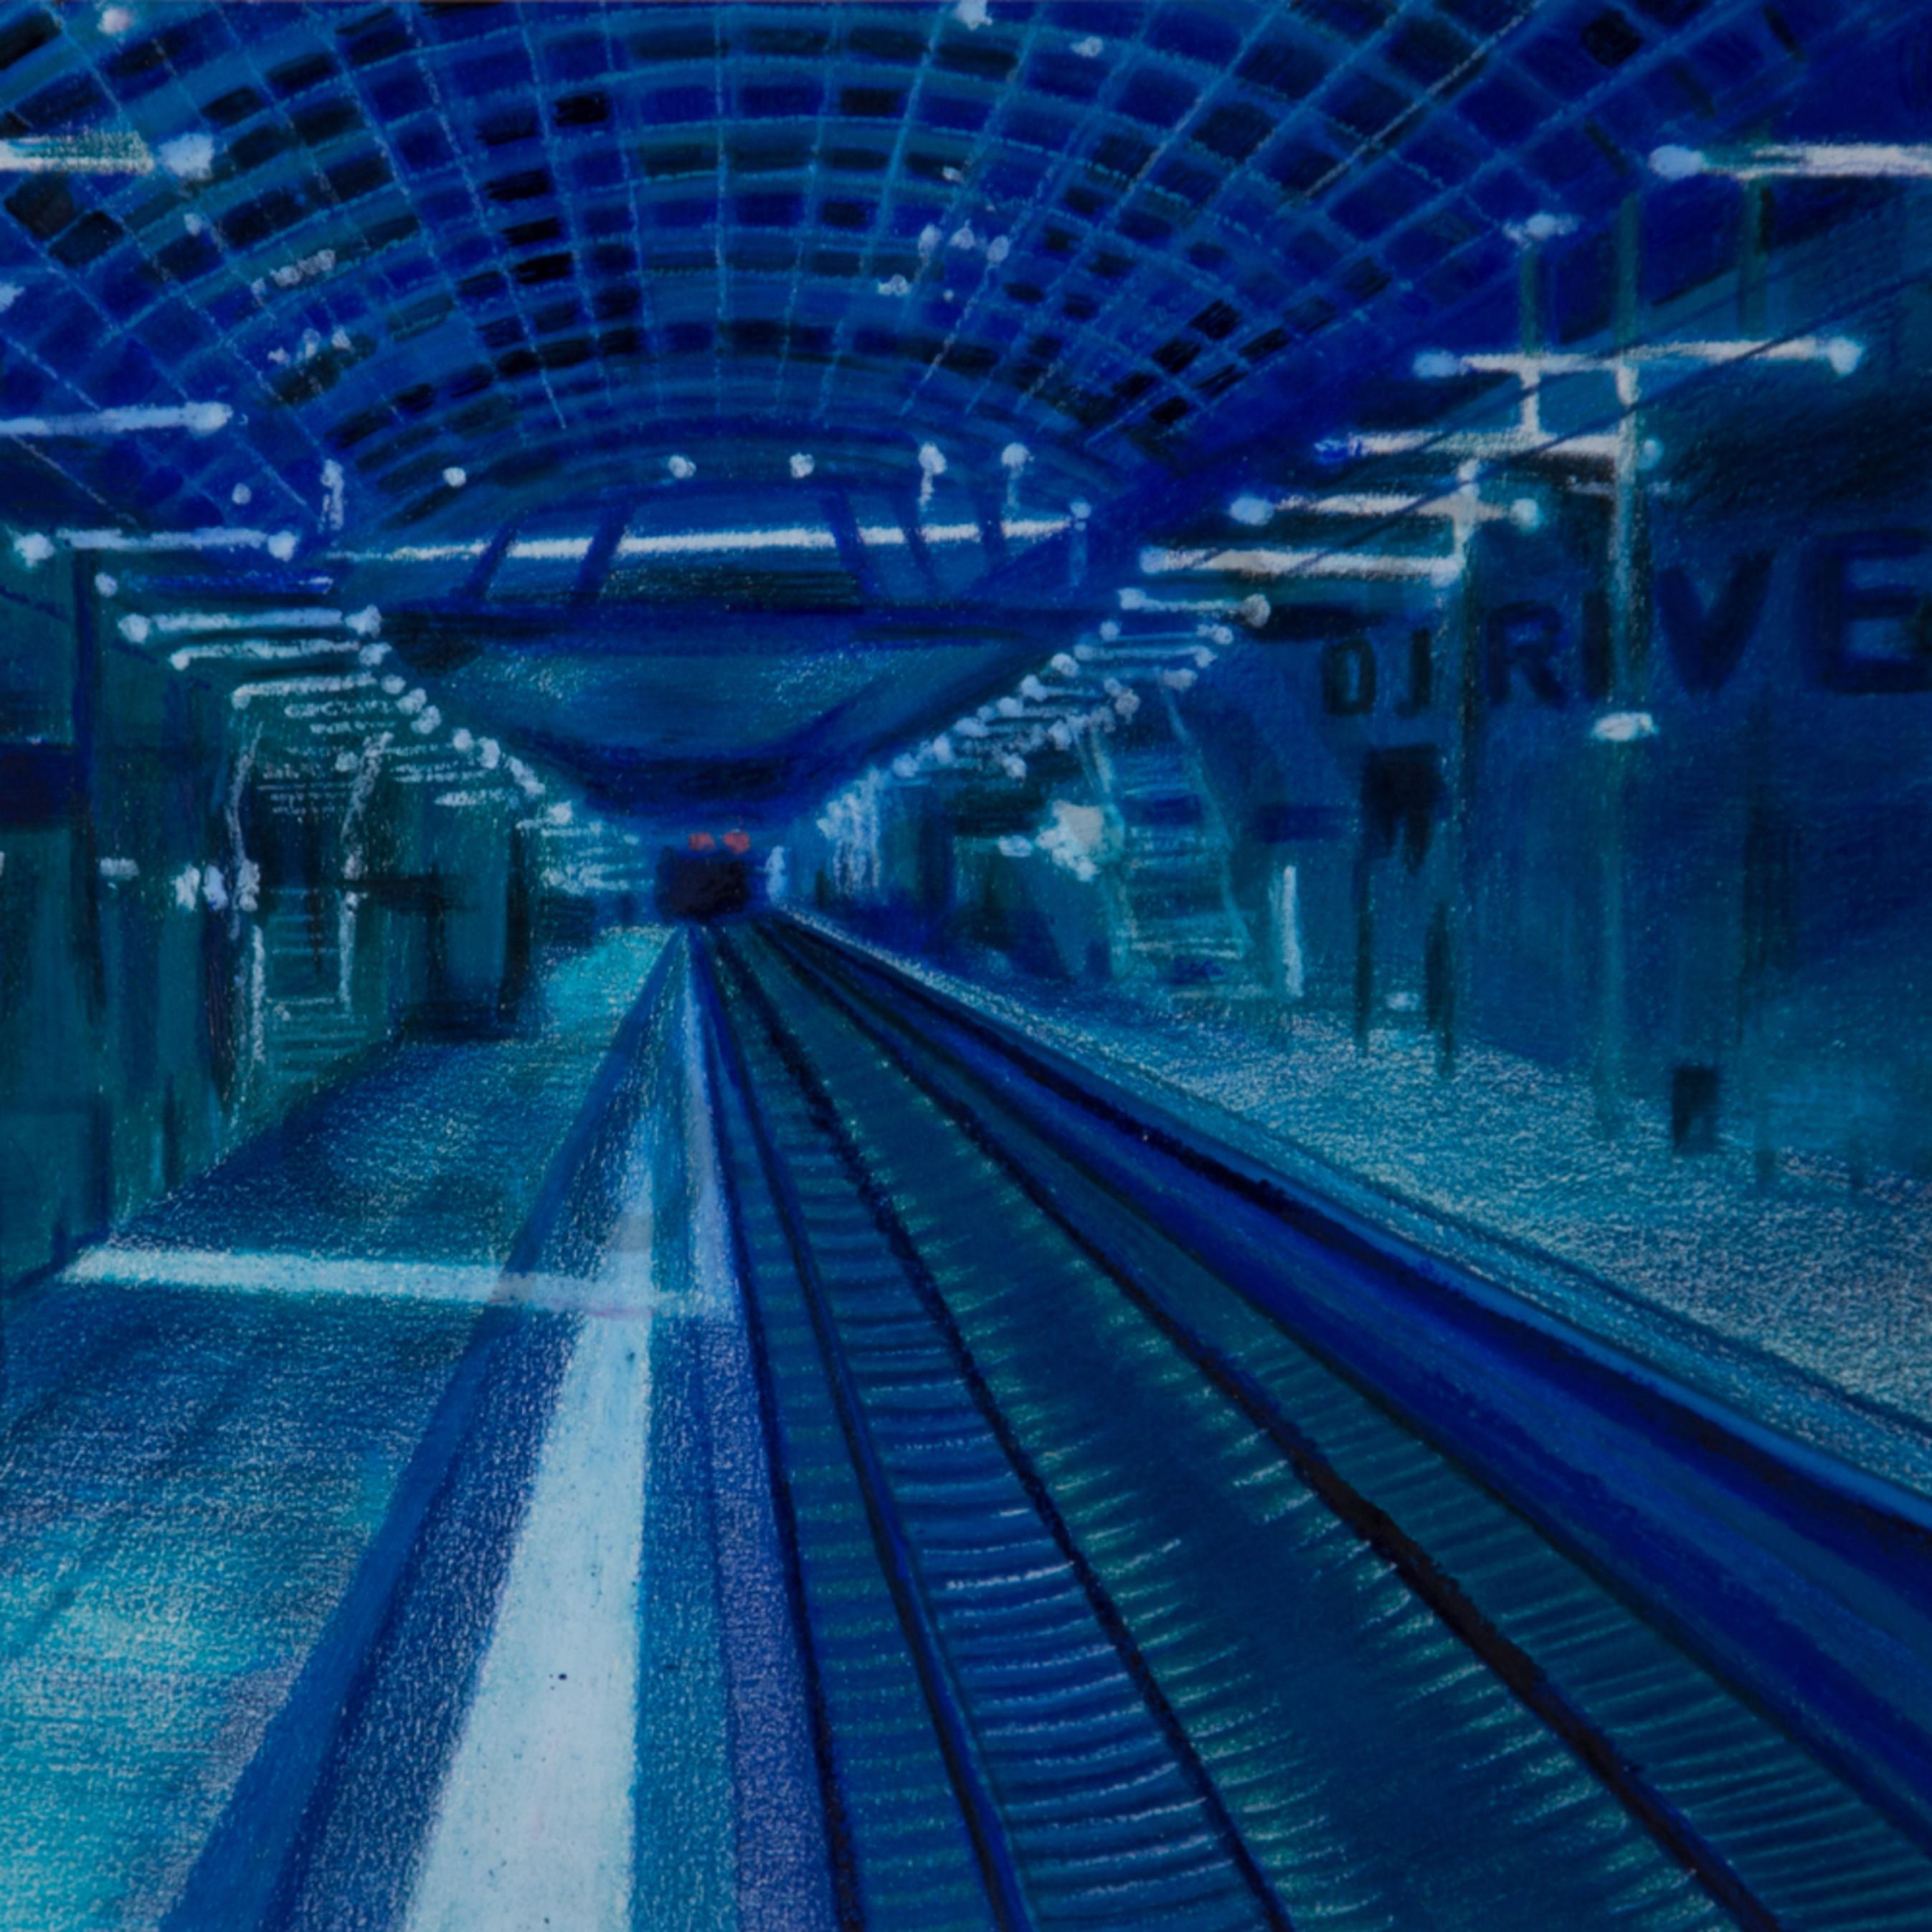 The blue underground subway zl1j0d